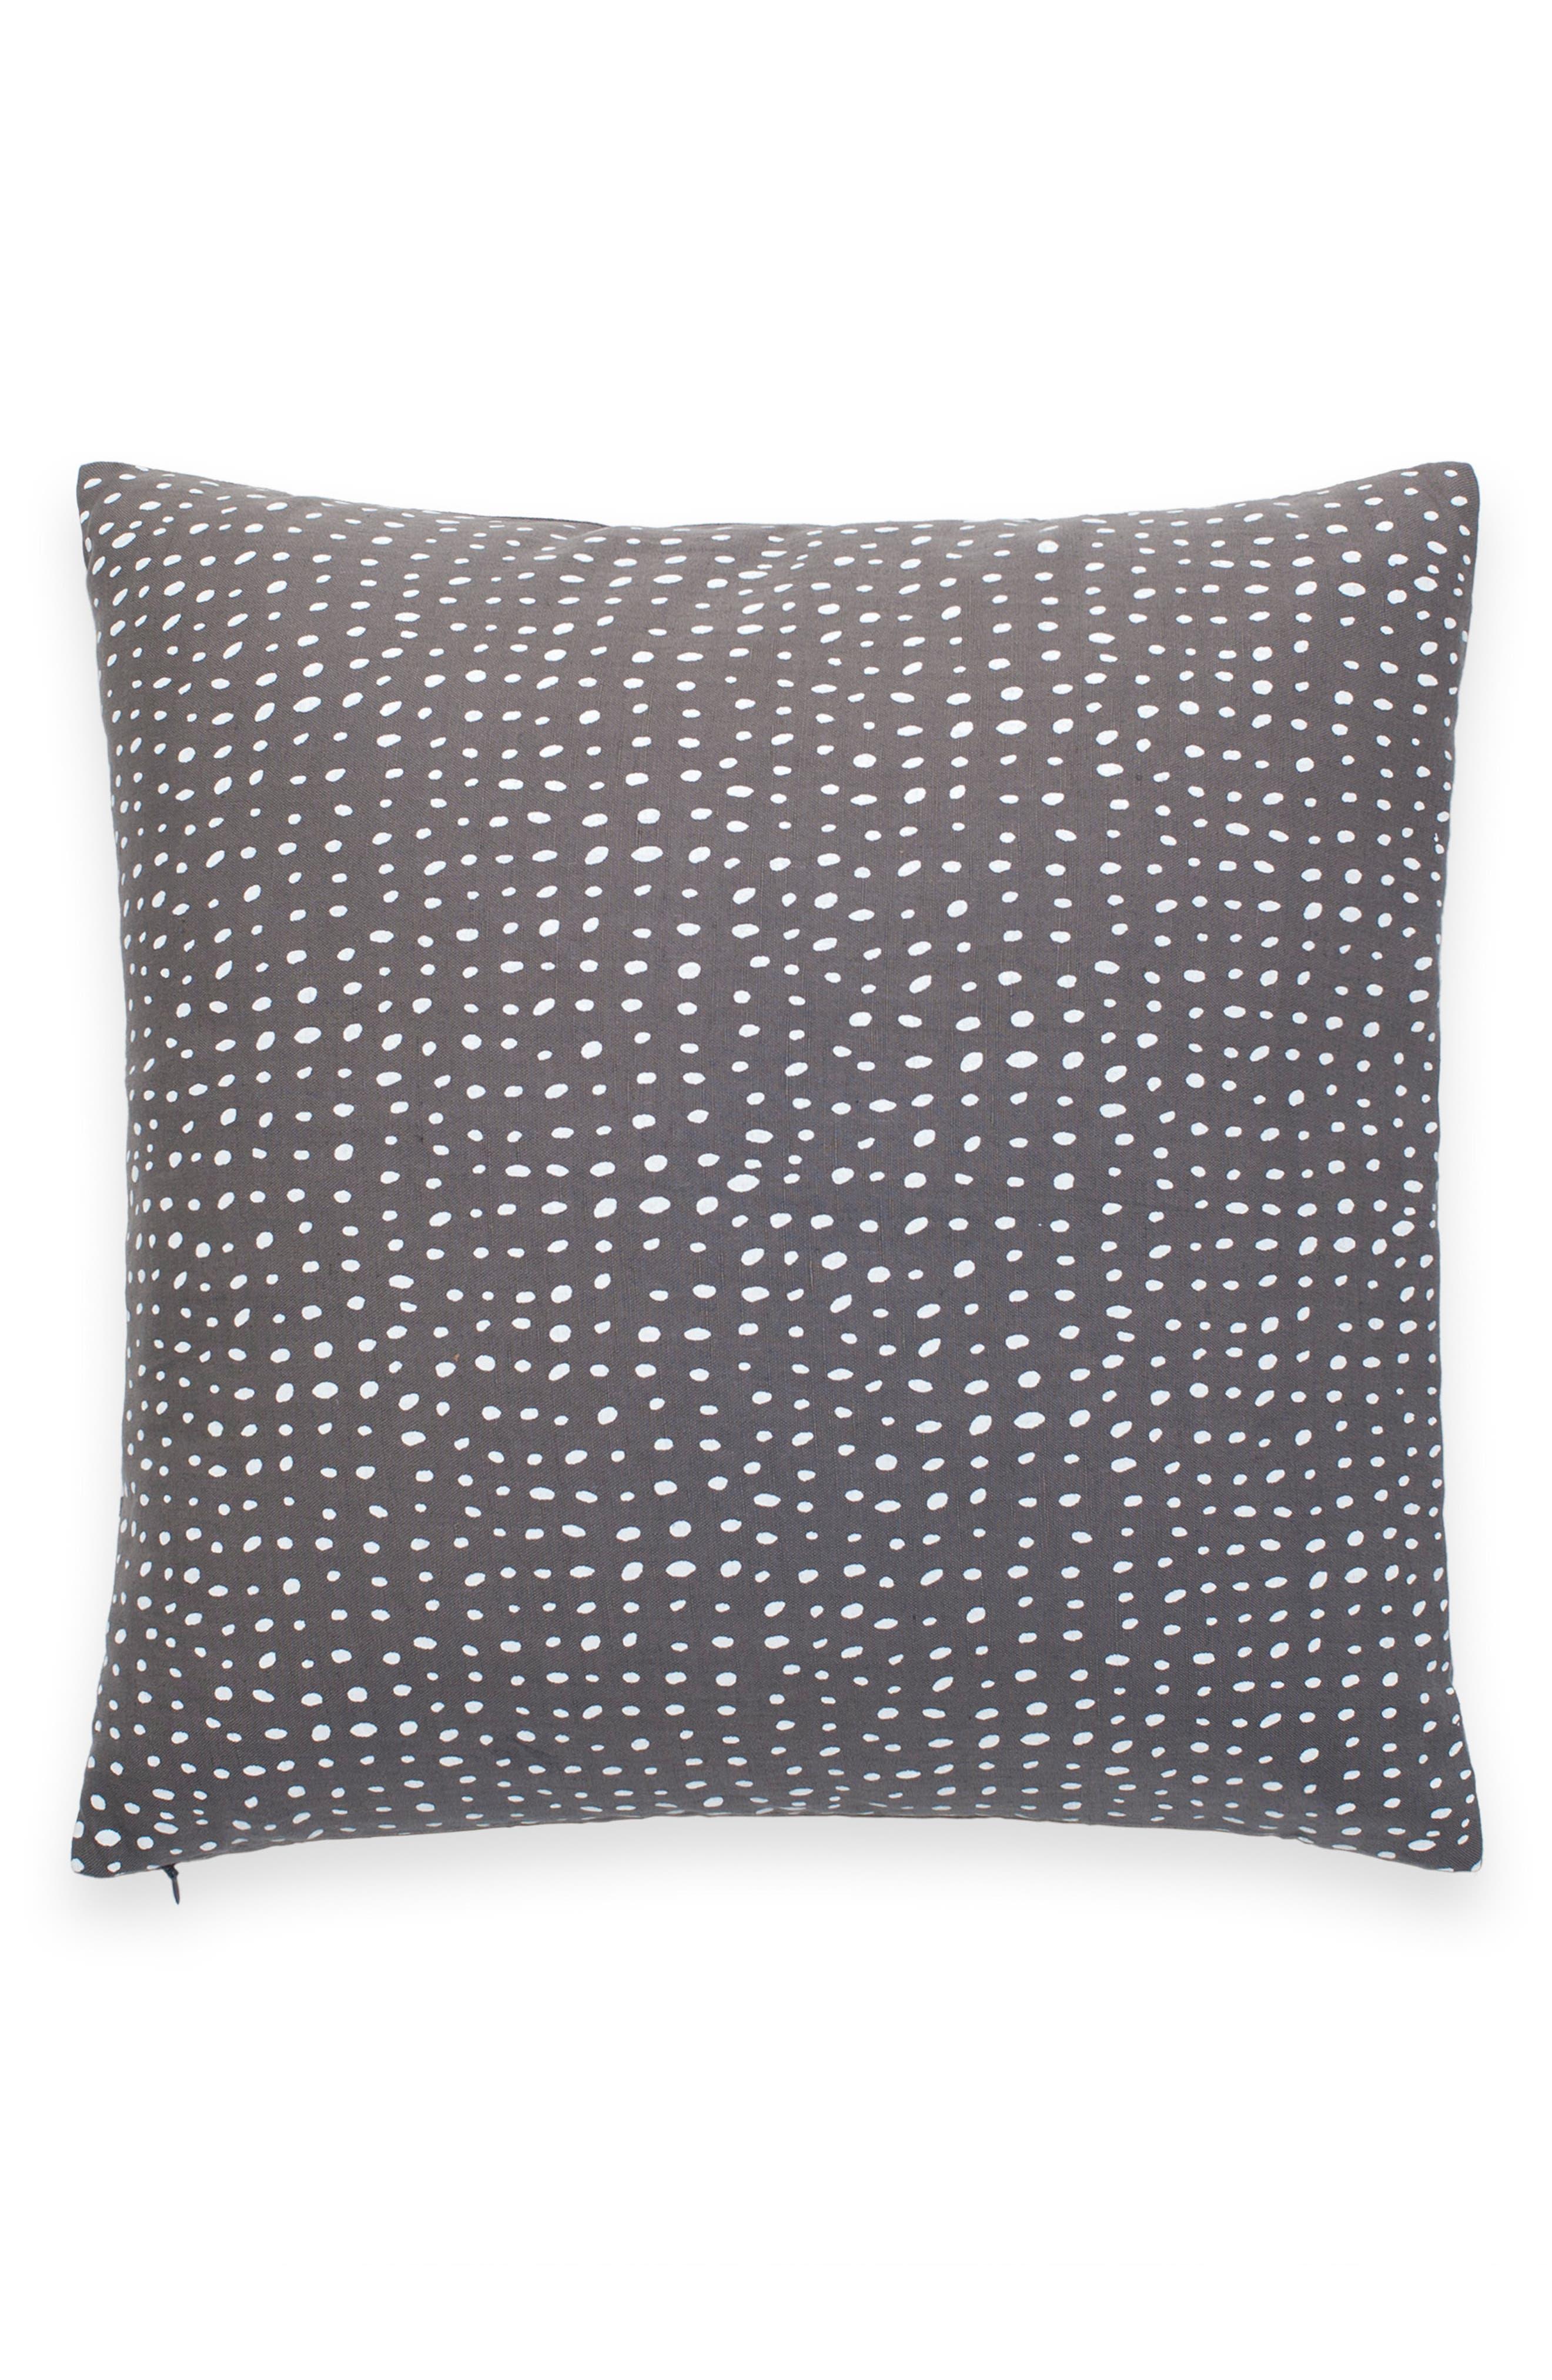 KATE SPADE NEW YORK, dot spot accent pillow, Main thumbnail 1, color, GREY